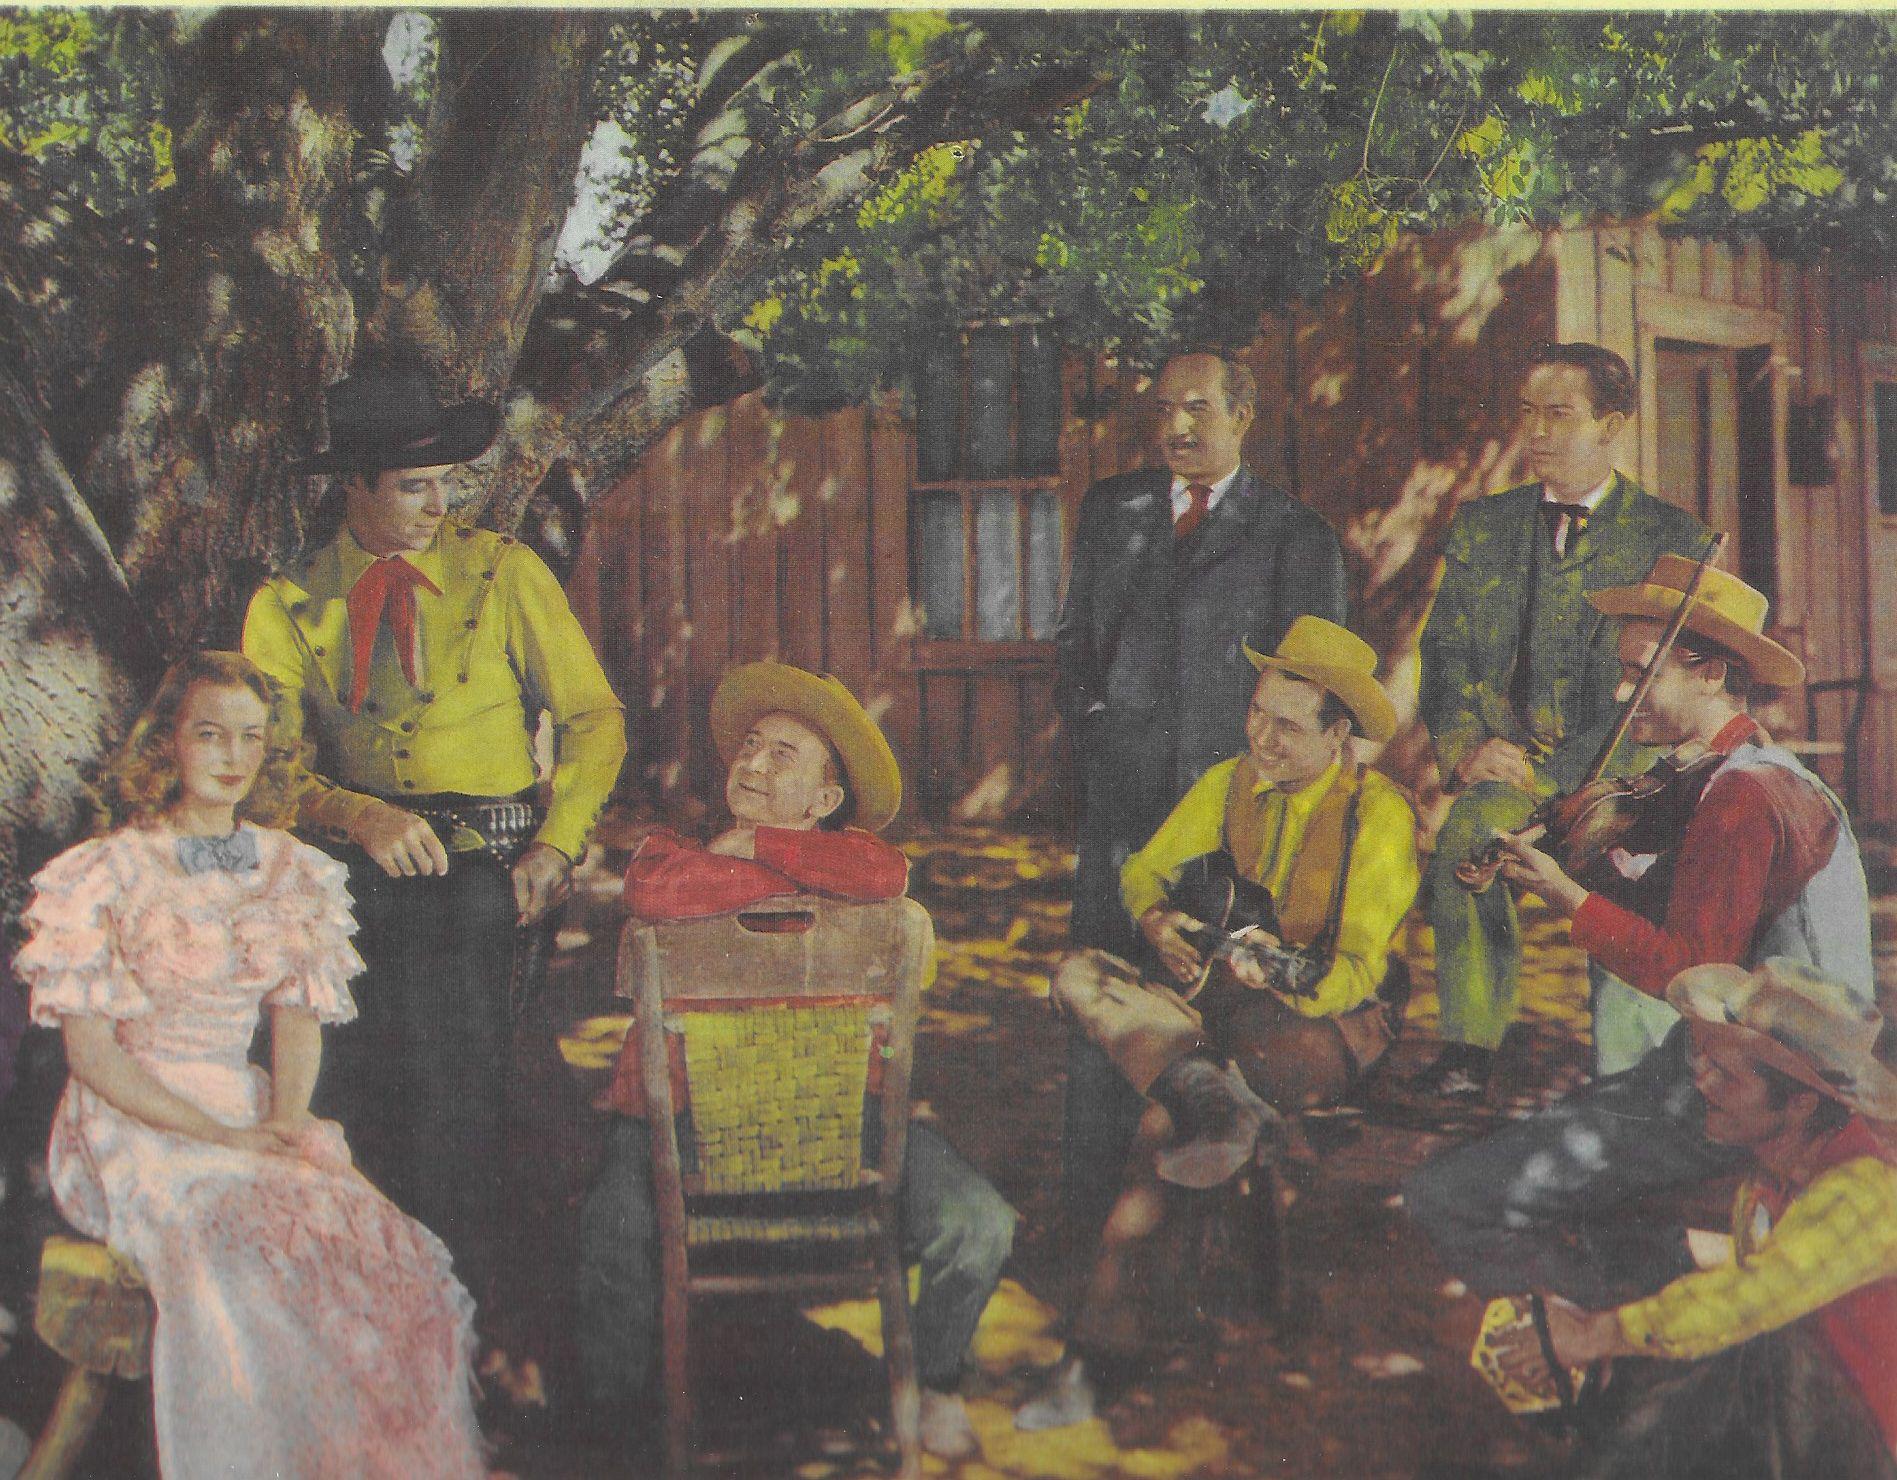 Ted Adams, Roscoe Ates, Freddie Daniel, Eddie Dean, Helen Mowery, J.D. Sumner, Eddie Wallace, and M.H. Richman in Range Beyond the Blue (1947)